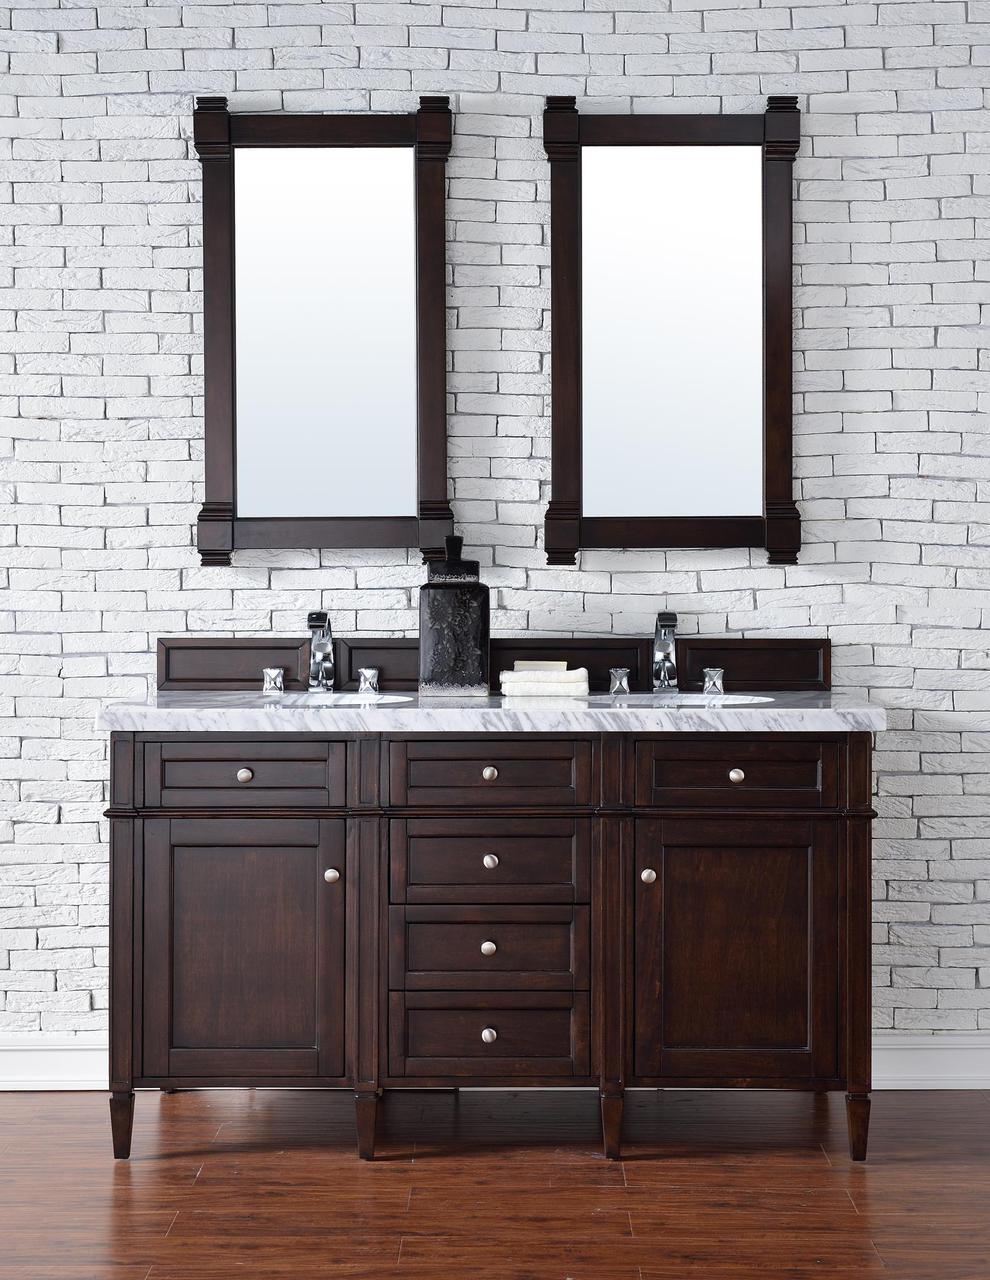 Modern Bathroom Vanity No Top : Contemporary inch double sink bathroom vanity mahogany